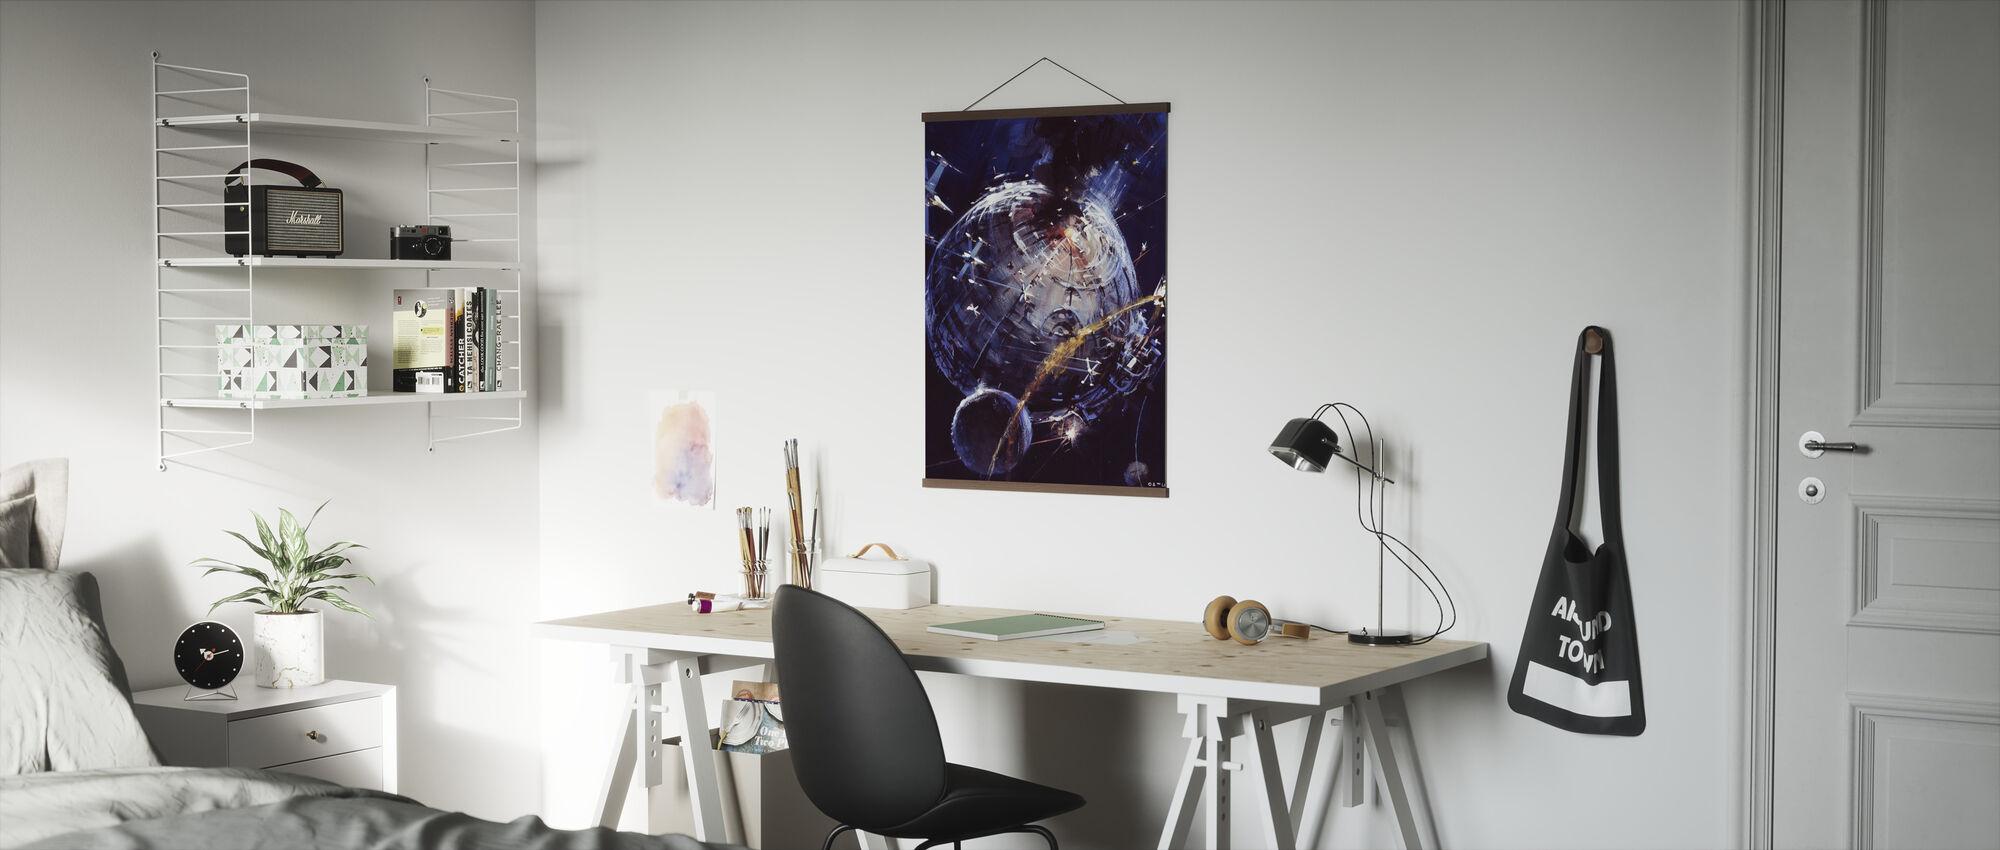 Tähtien sota - Kuolemantähti - Juliste - Toimisto